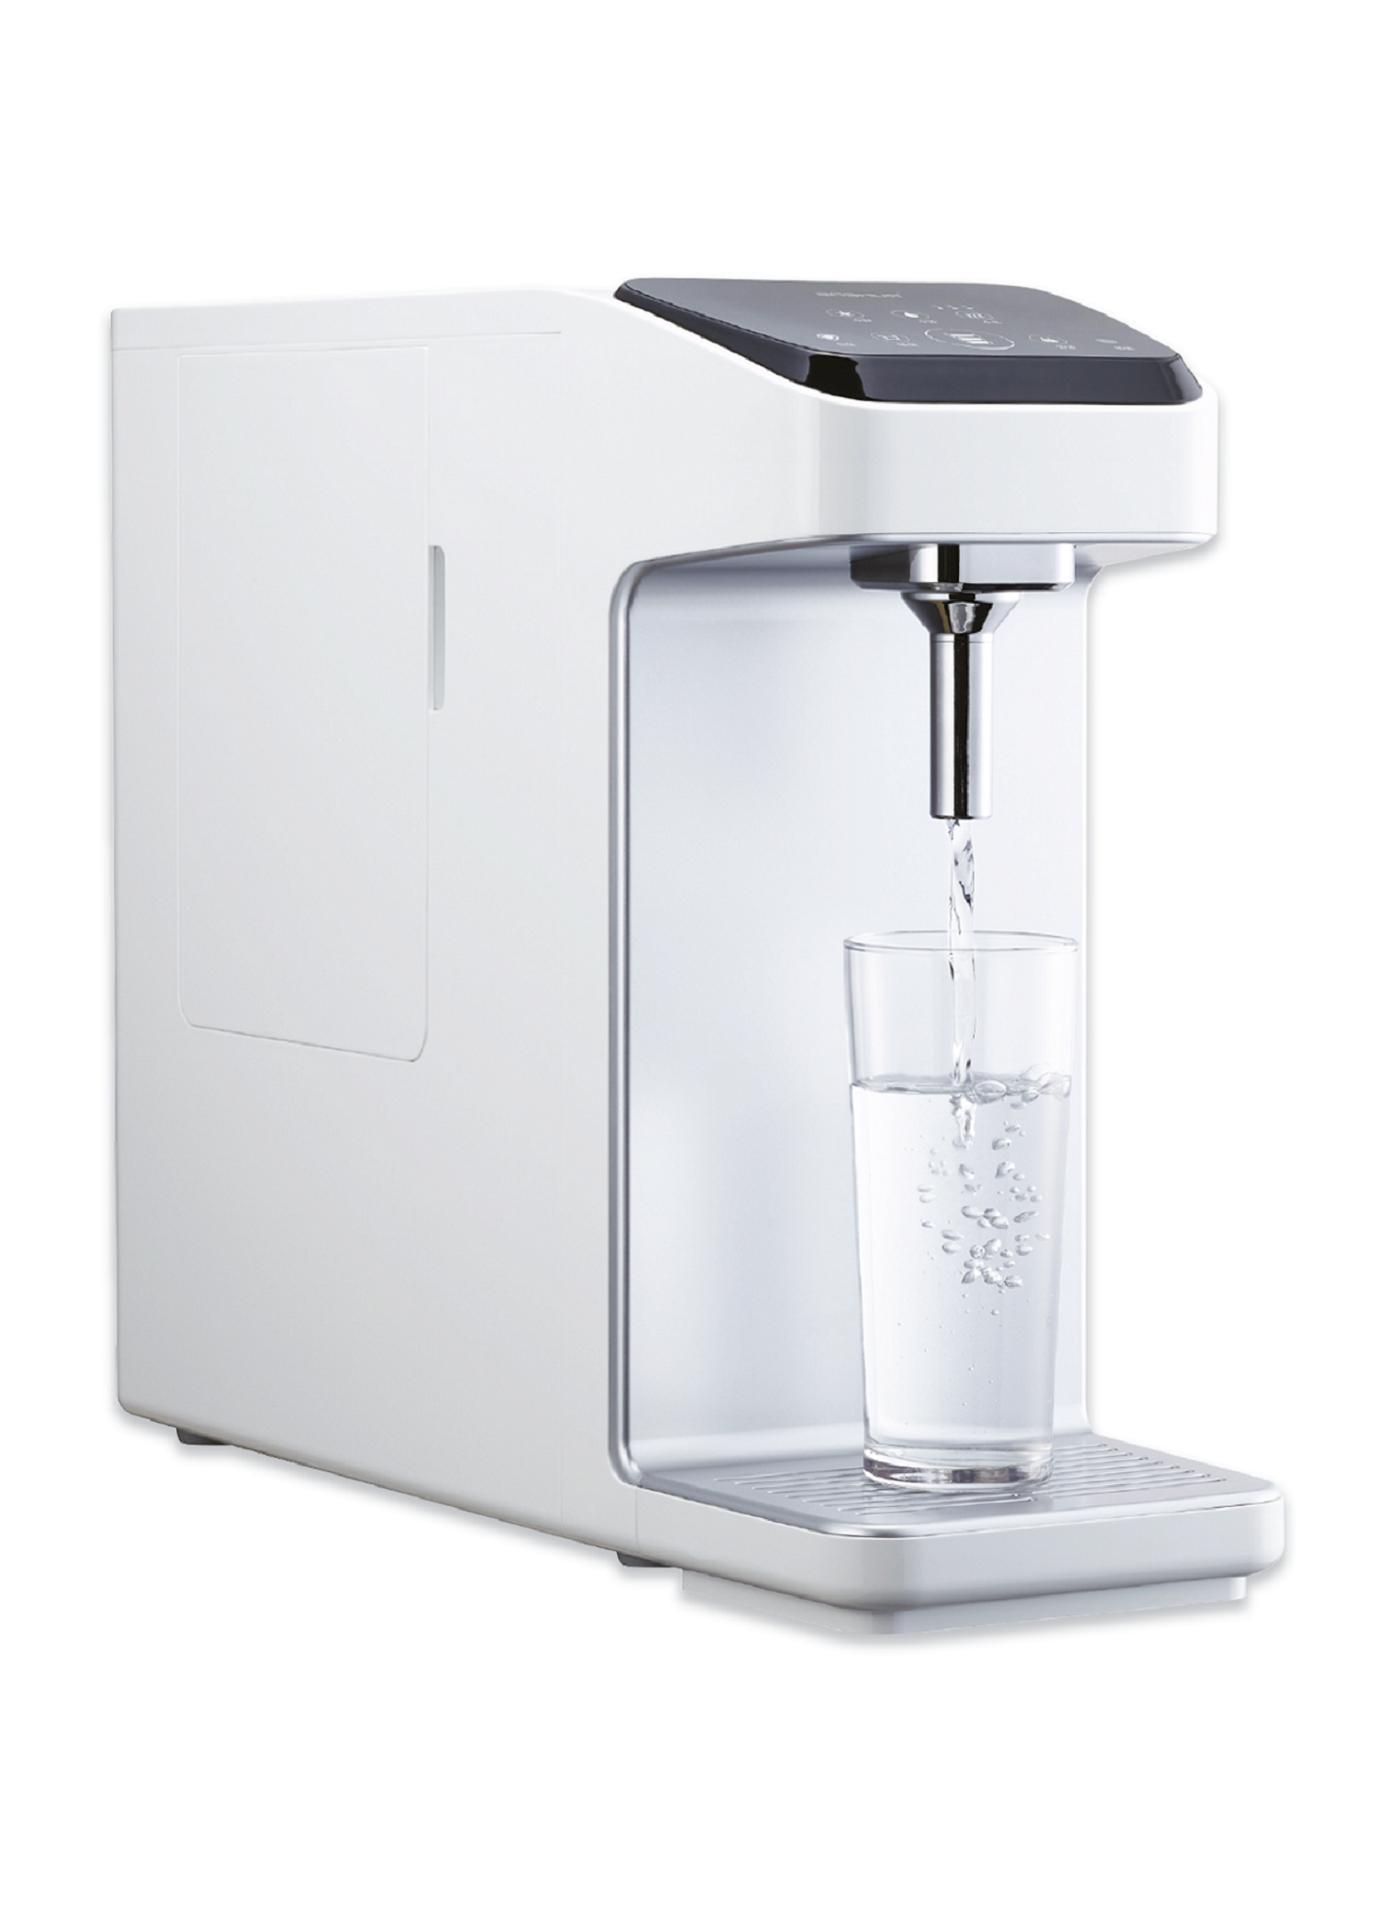 Máy lọc nước nóng lạnh ALKALINE S2300